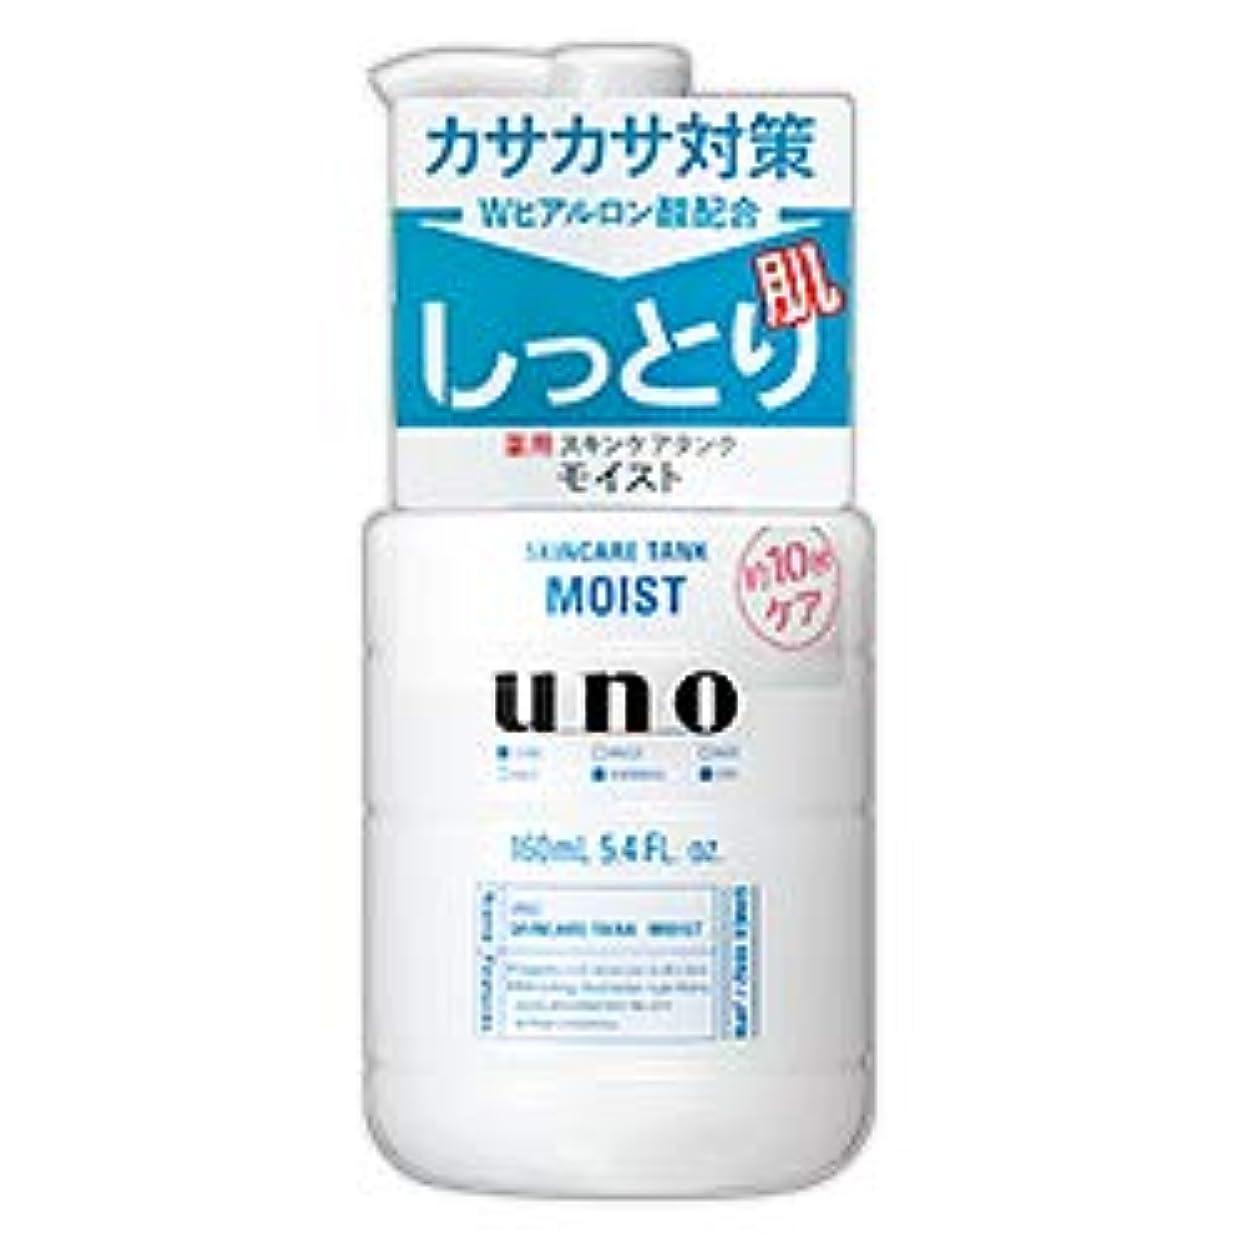 戸惑うはねかけるバラエティ【資生堂】ウーノ(uno) スキンケアタンク (しっとり) 160mL ×4個セット